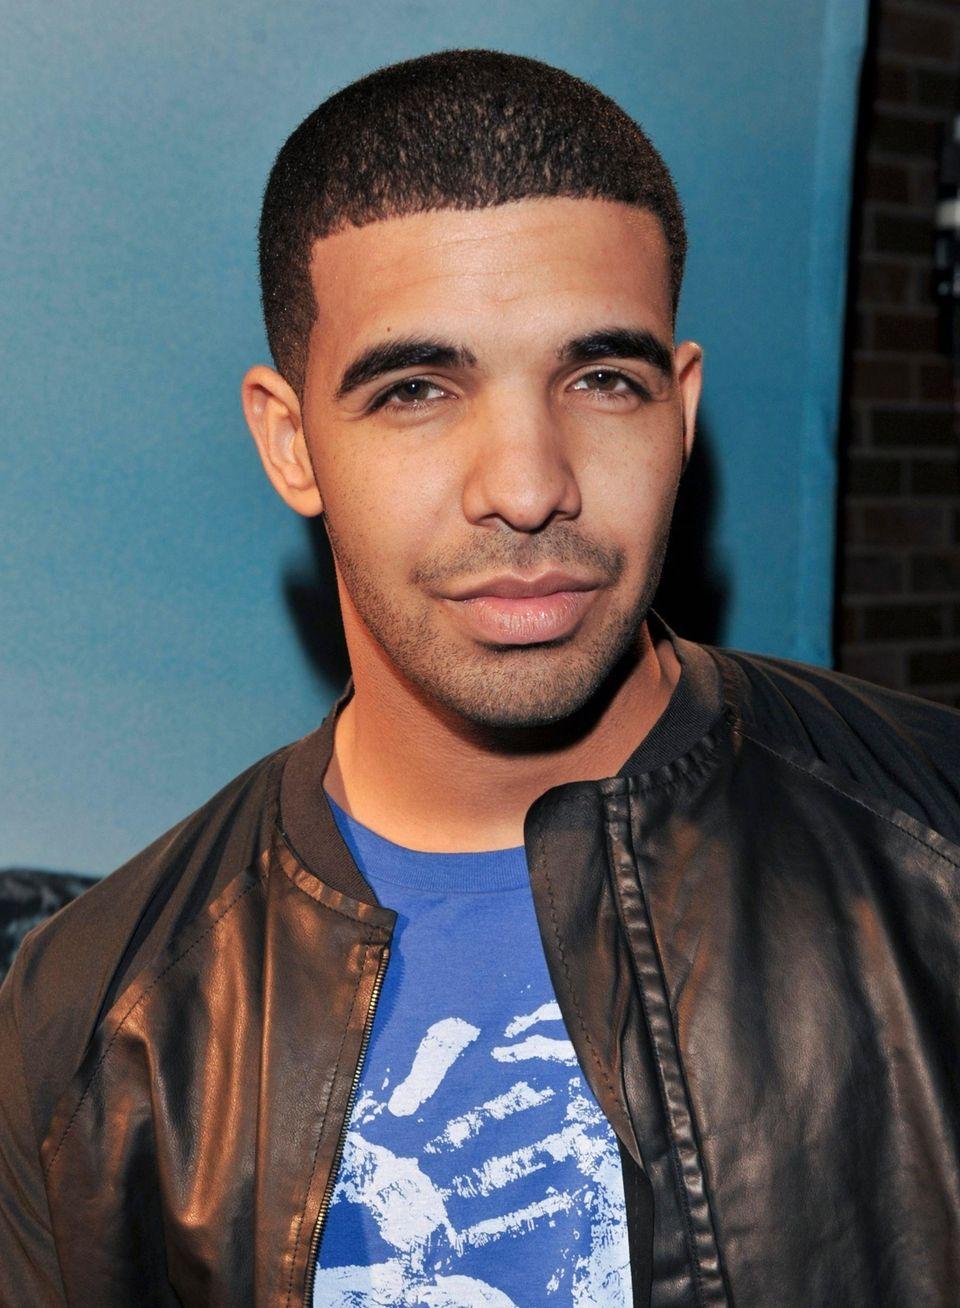 Stage name: Drake Birth name: Aubrey Drake Graham